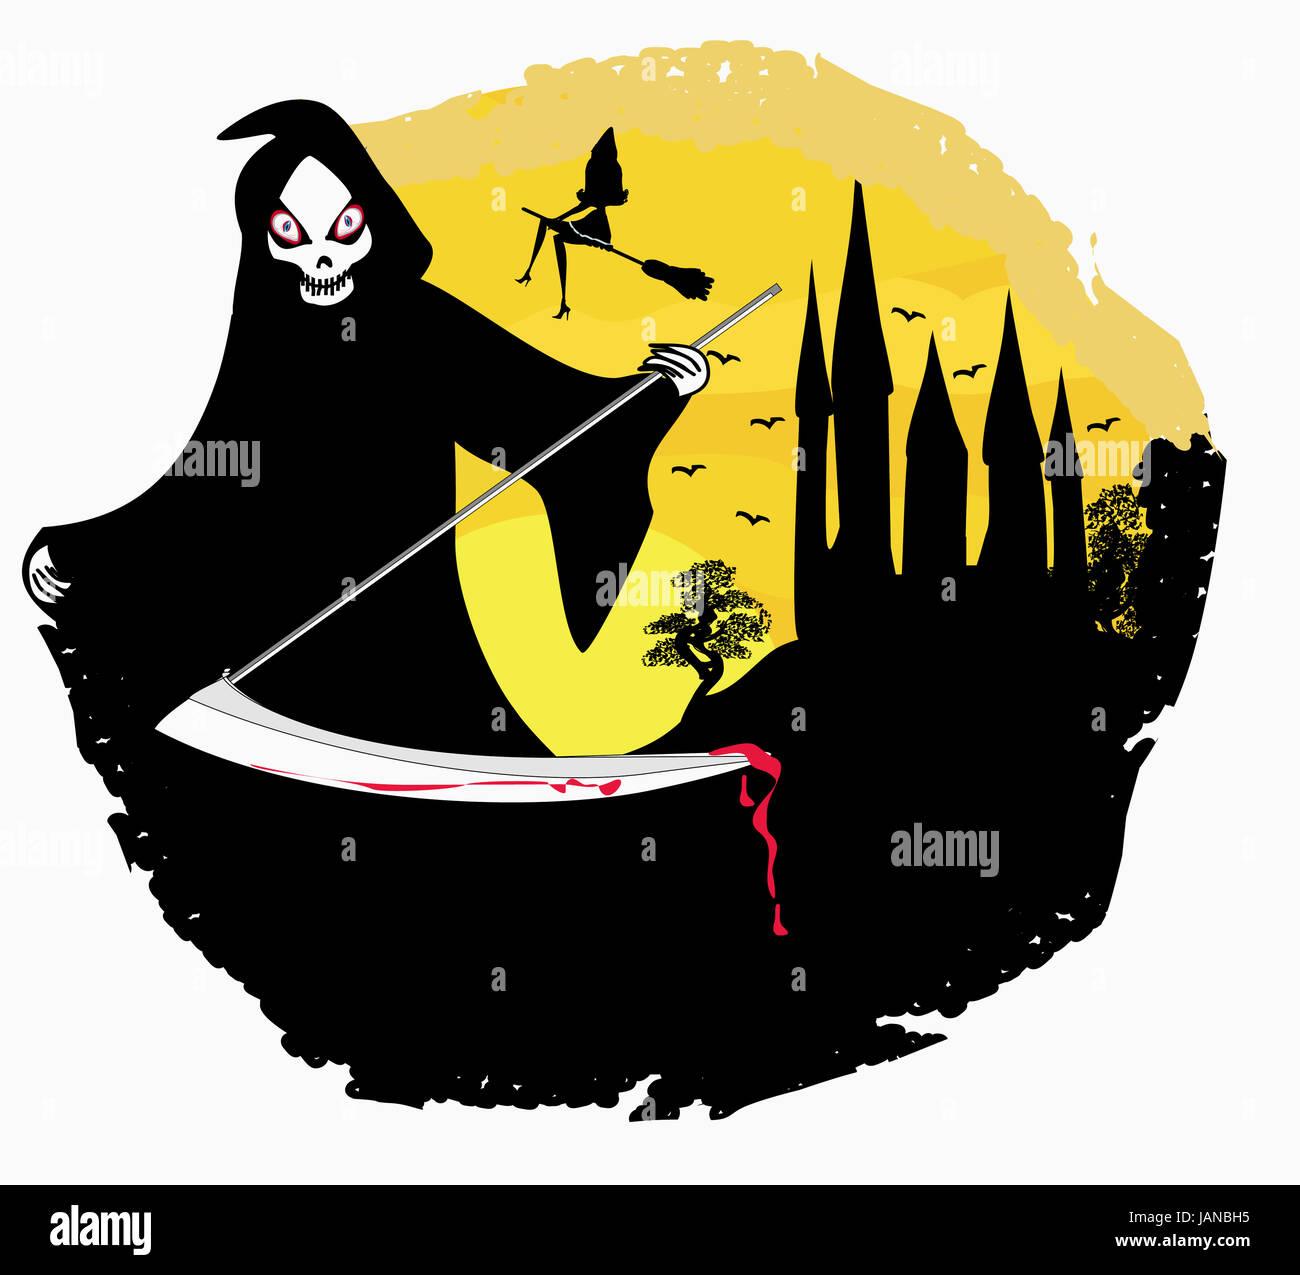 hight resolution of grim reaper illustration